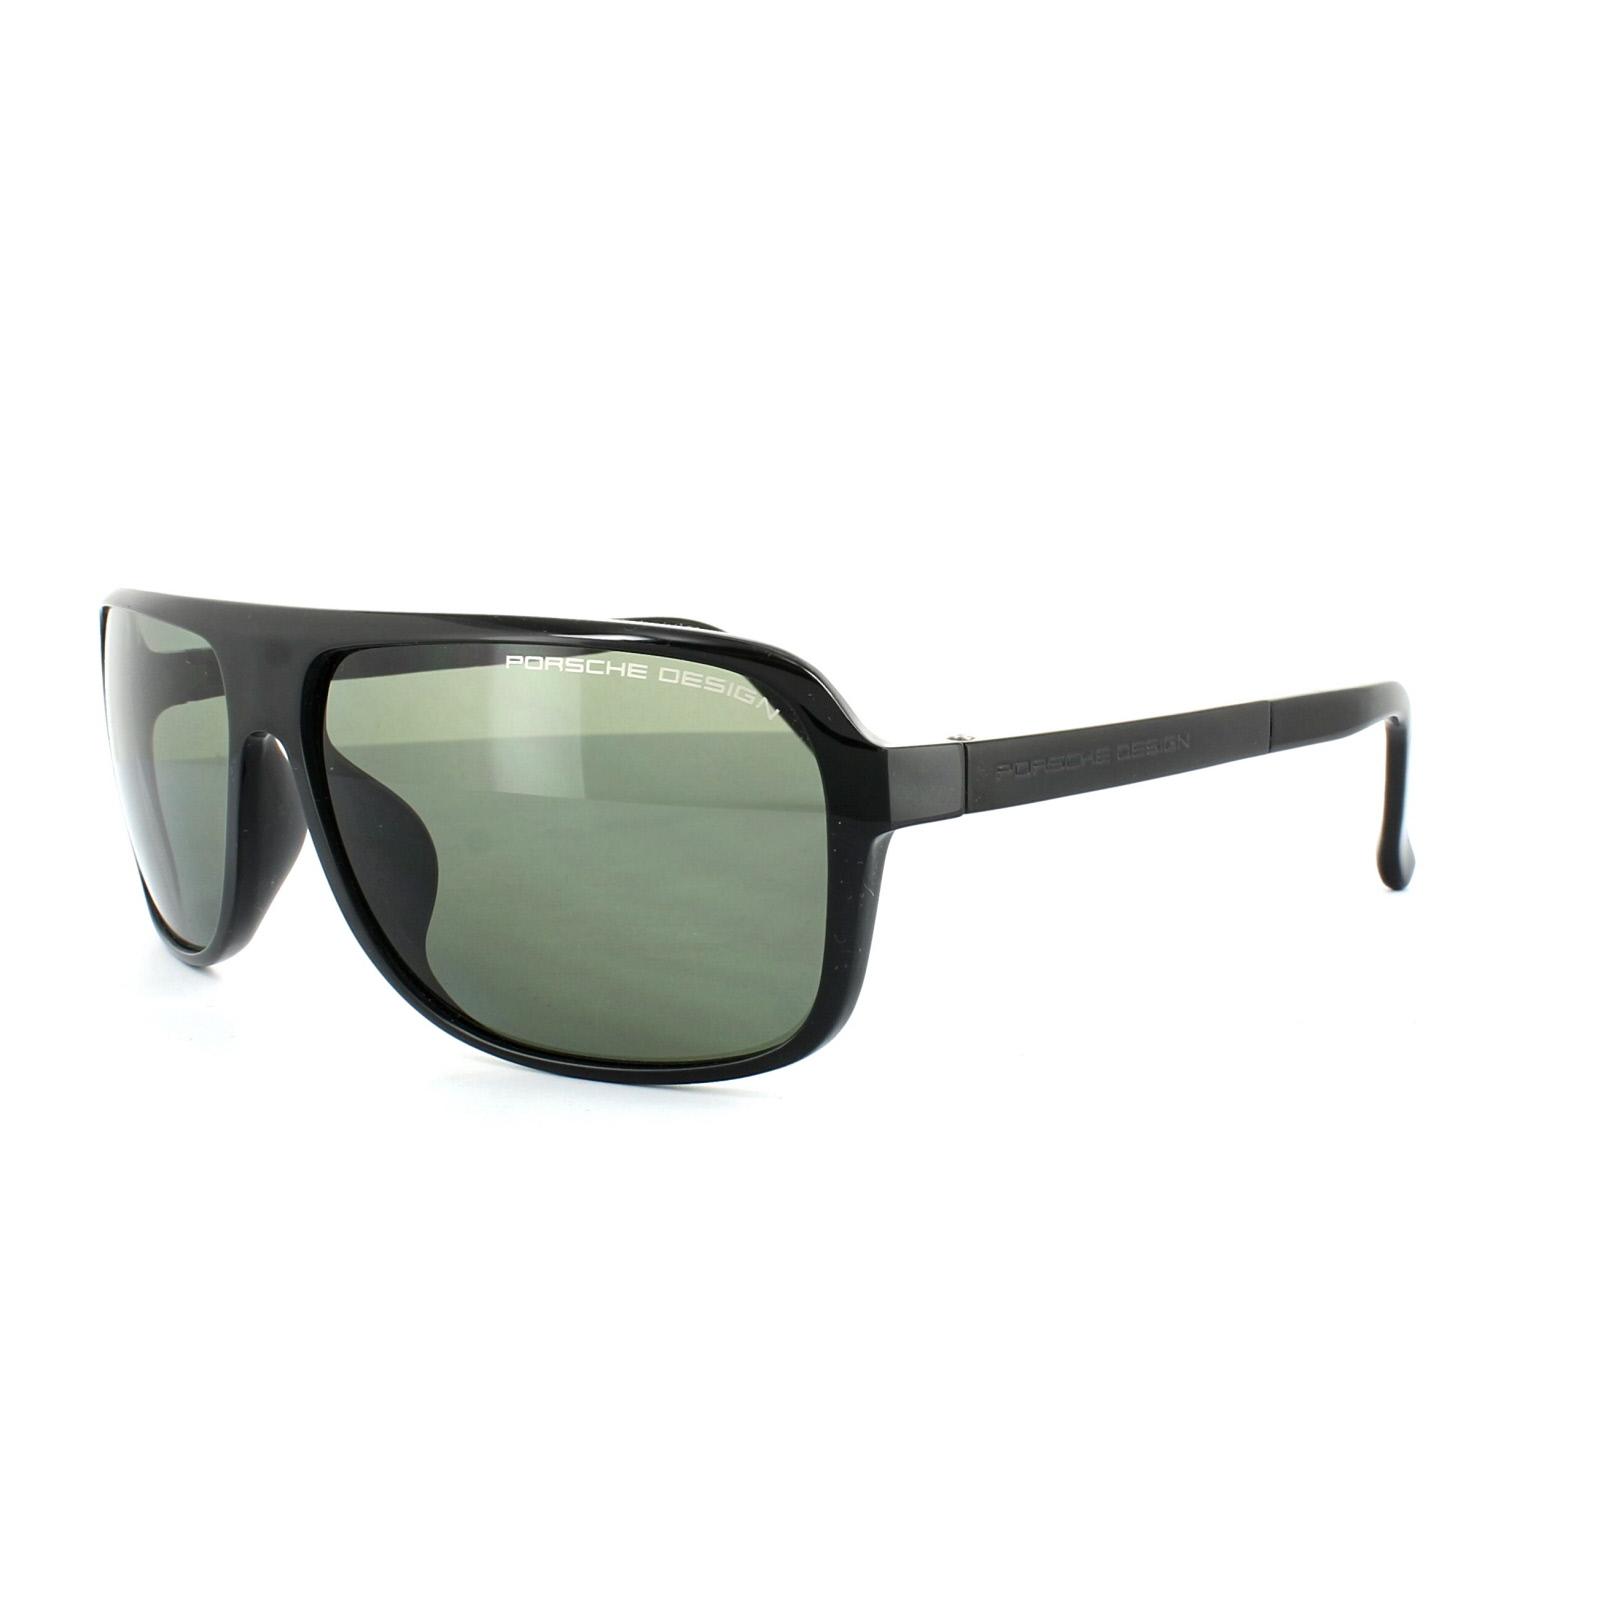 acbf421be7 Cheap Porsche Design Sunglasses